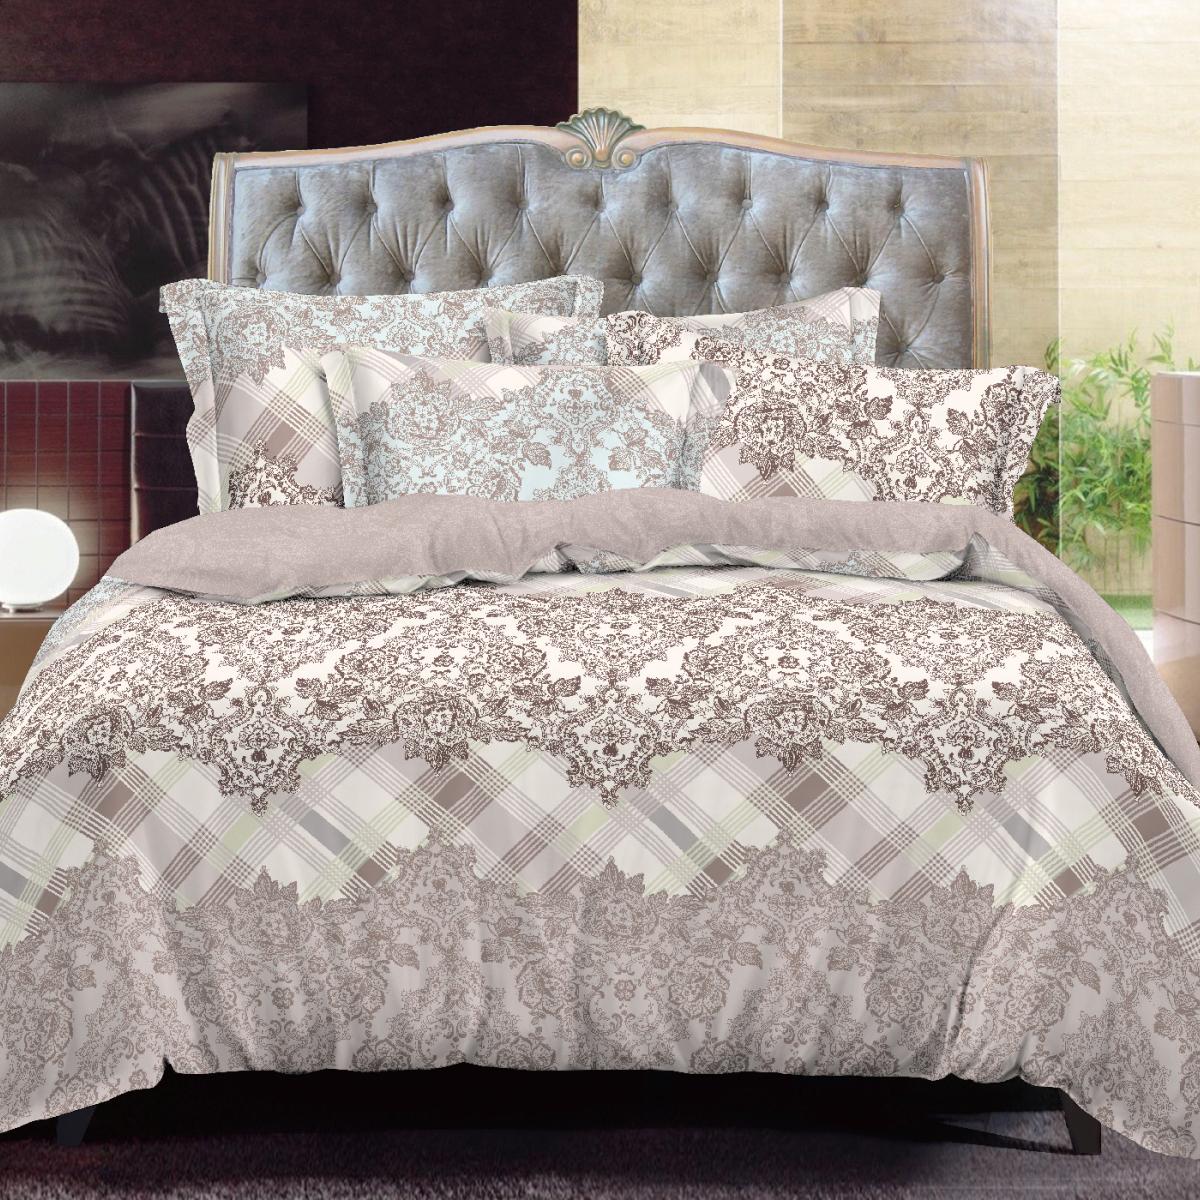 Комплект белья Letto, евро, наволочки 50х70 и 70х70. SM121-6SM121-6Классика в сатиновом исполнении - залог комфорта, модного дизайна и гармонии цвета в вашей спальне. Это отличный подарок любителям трендов. Сатин заслужено считается благородной тканью для постельного белья. Ему свойственна практичность, долговечность, мягкость и изысканный блеск, такая ткань прекрасно впитывает влагу во время сна, комфортна на ощупь и не требует особого ухода. Серия Letto Сатин - это современные дизайны в европейском стиле. Обращаем внимание, что наволочки могут отличаться от представленных на фотографии. Также может отличаться оттенок комплекта из-за разницы в цветопередаче мониторов.